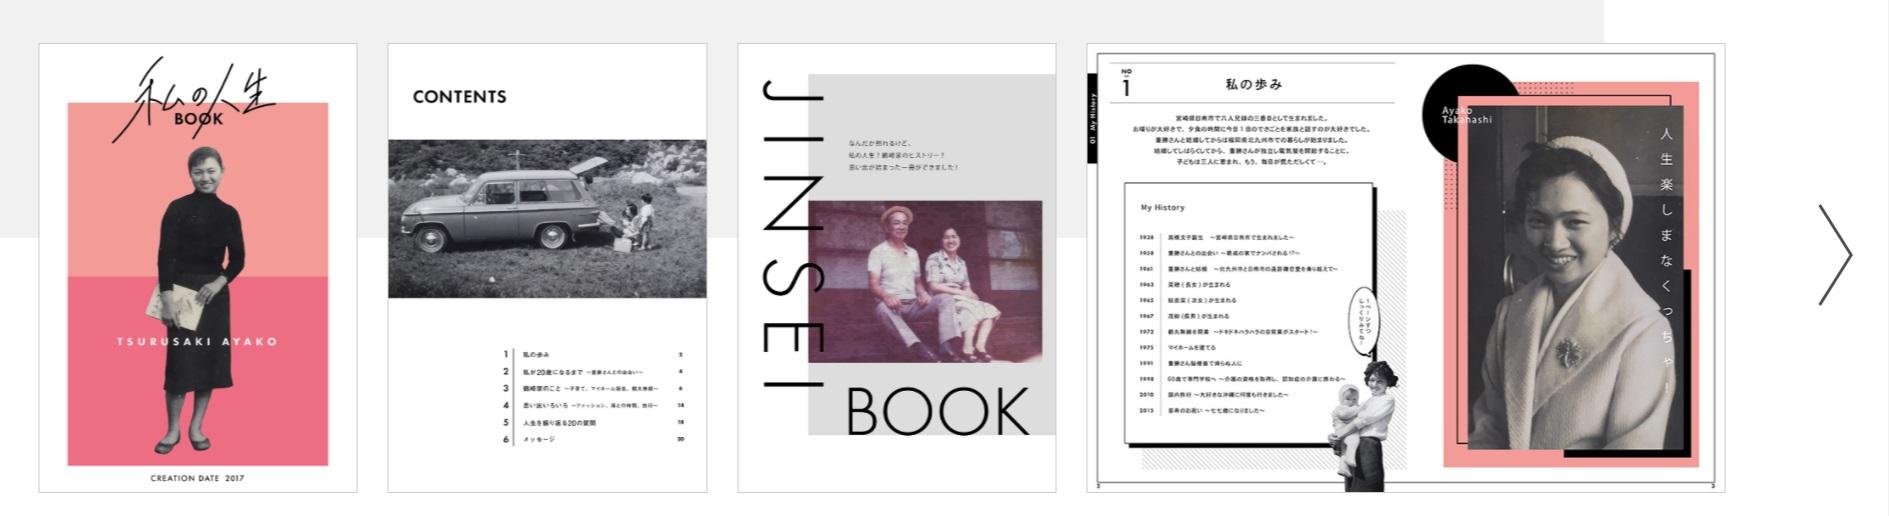 人生BOOKブックとはエリアパートナーホームページ内容見本サンプル_写真整理アドバイザーPHOTOKASフォトカス